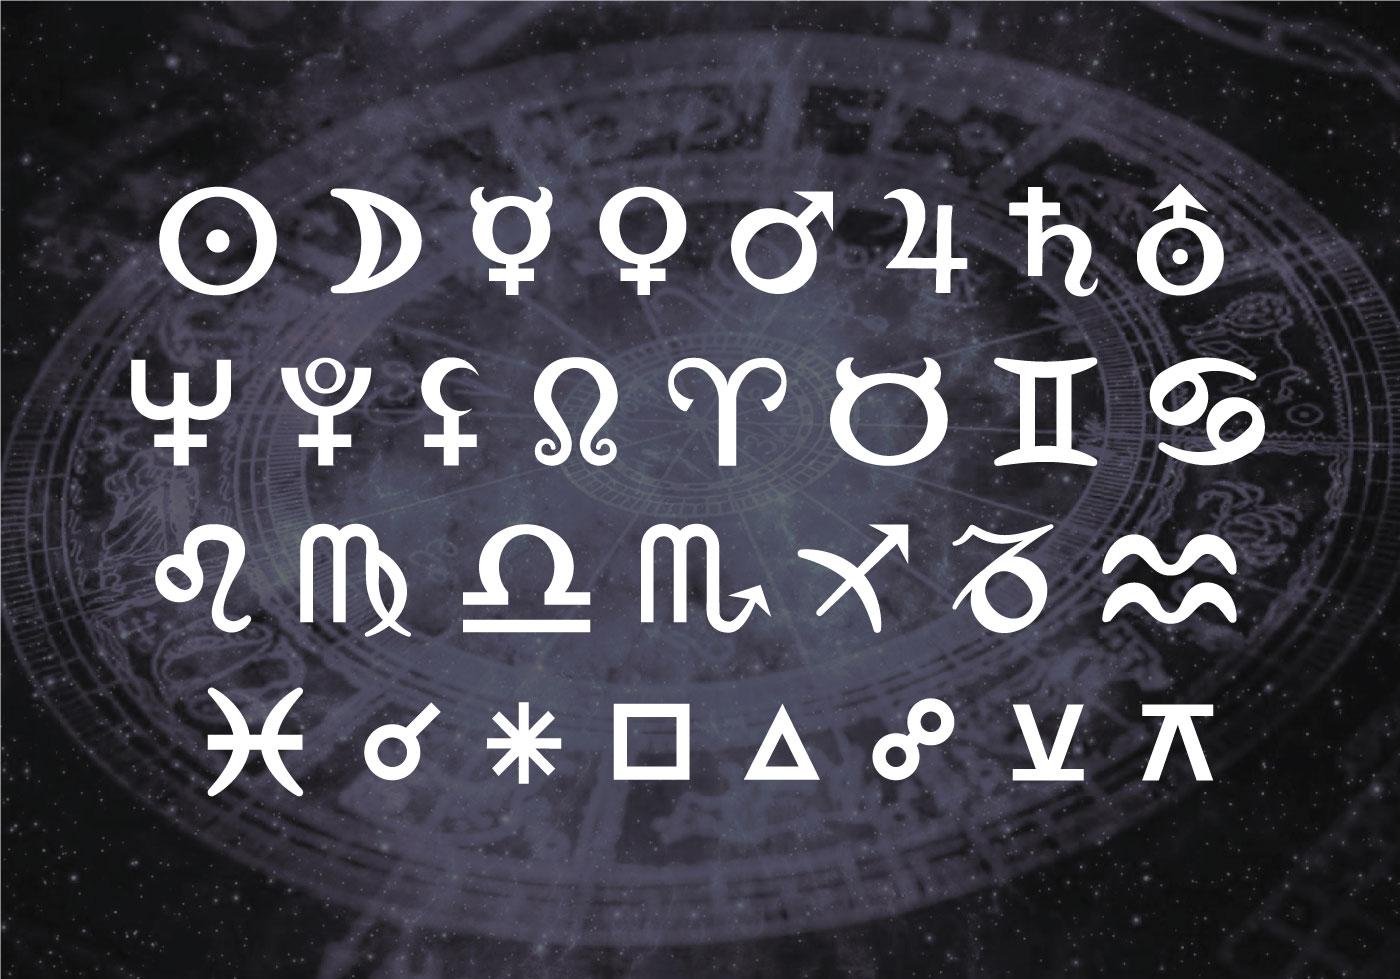 šrifto plėtros astrologinių simbolių